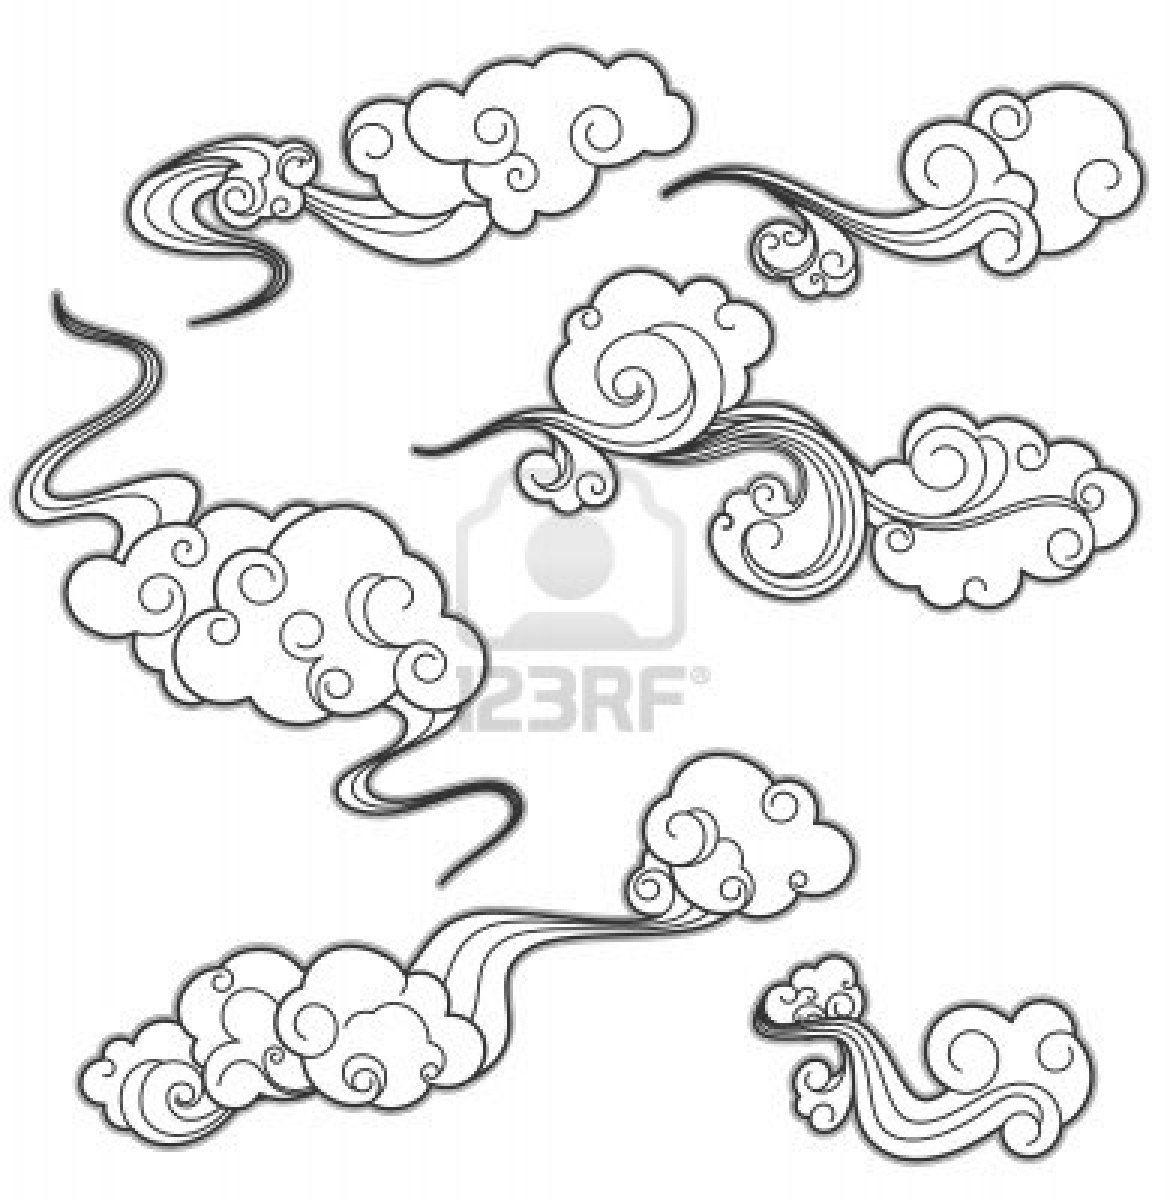 Cloud Tattoo Drawing: Hot Tattoos: 25+ Divine Cloud Tattoo Design